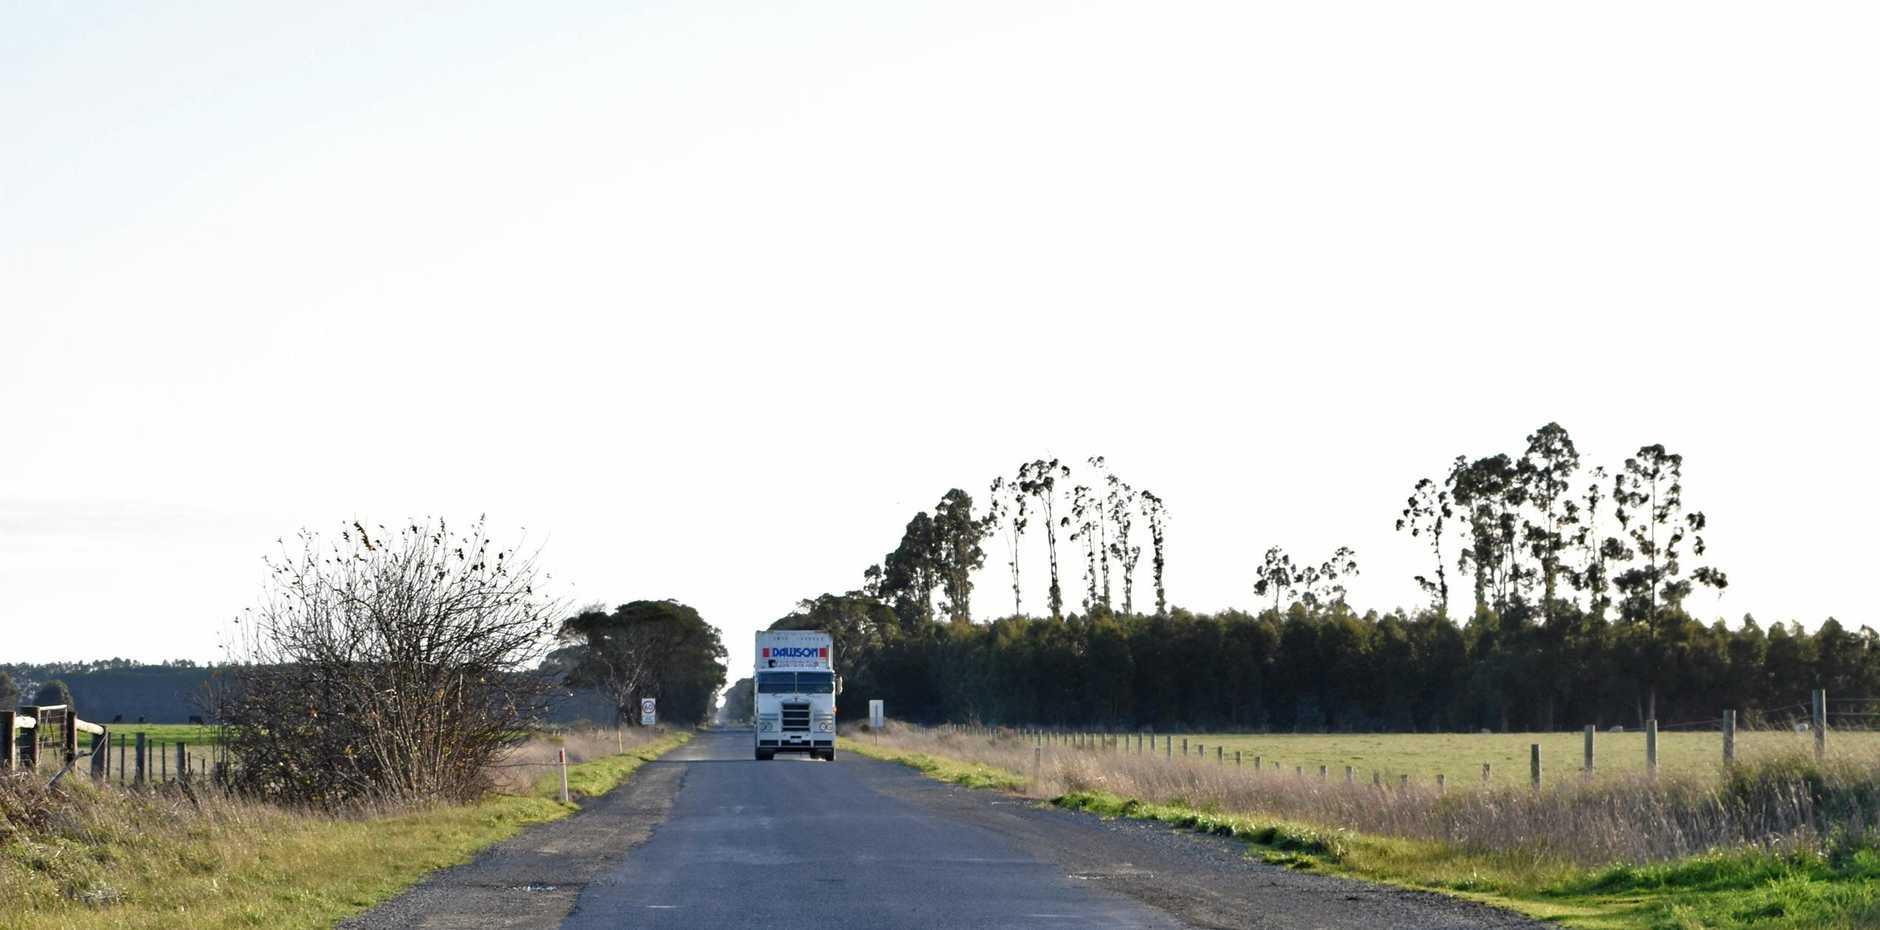 Woolsthorpe/Heywood Road at Bessiebelle in South West Victoria.